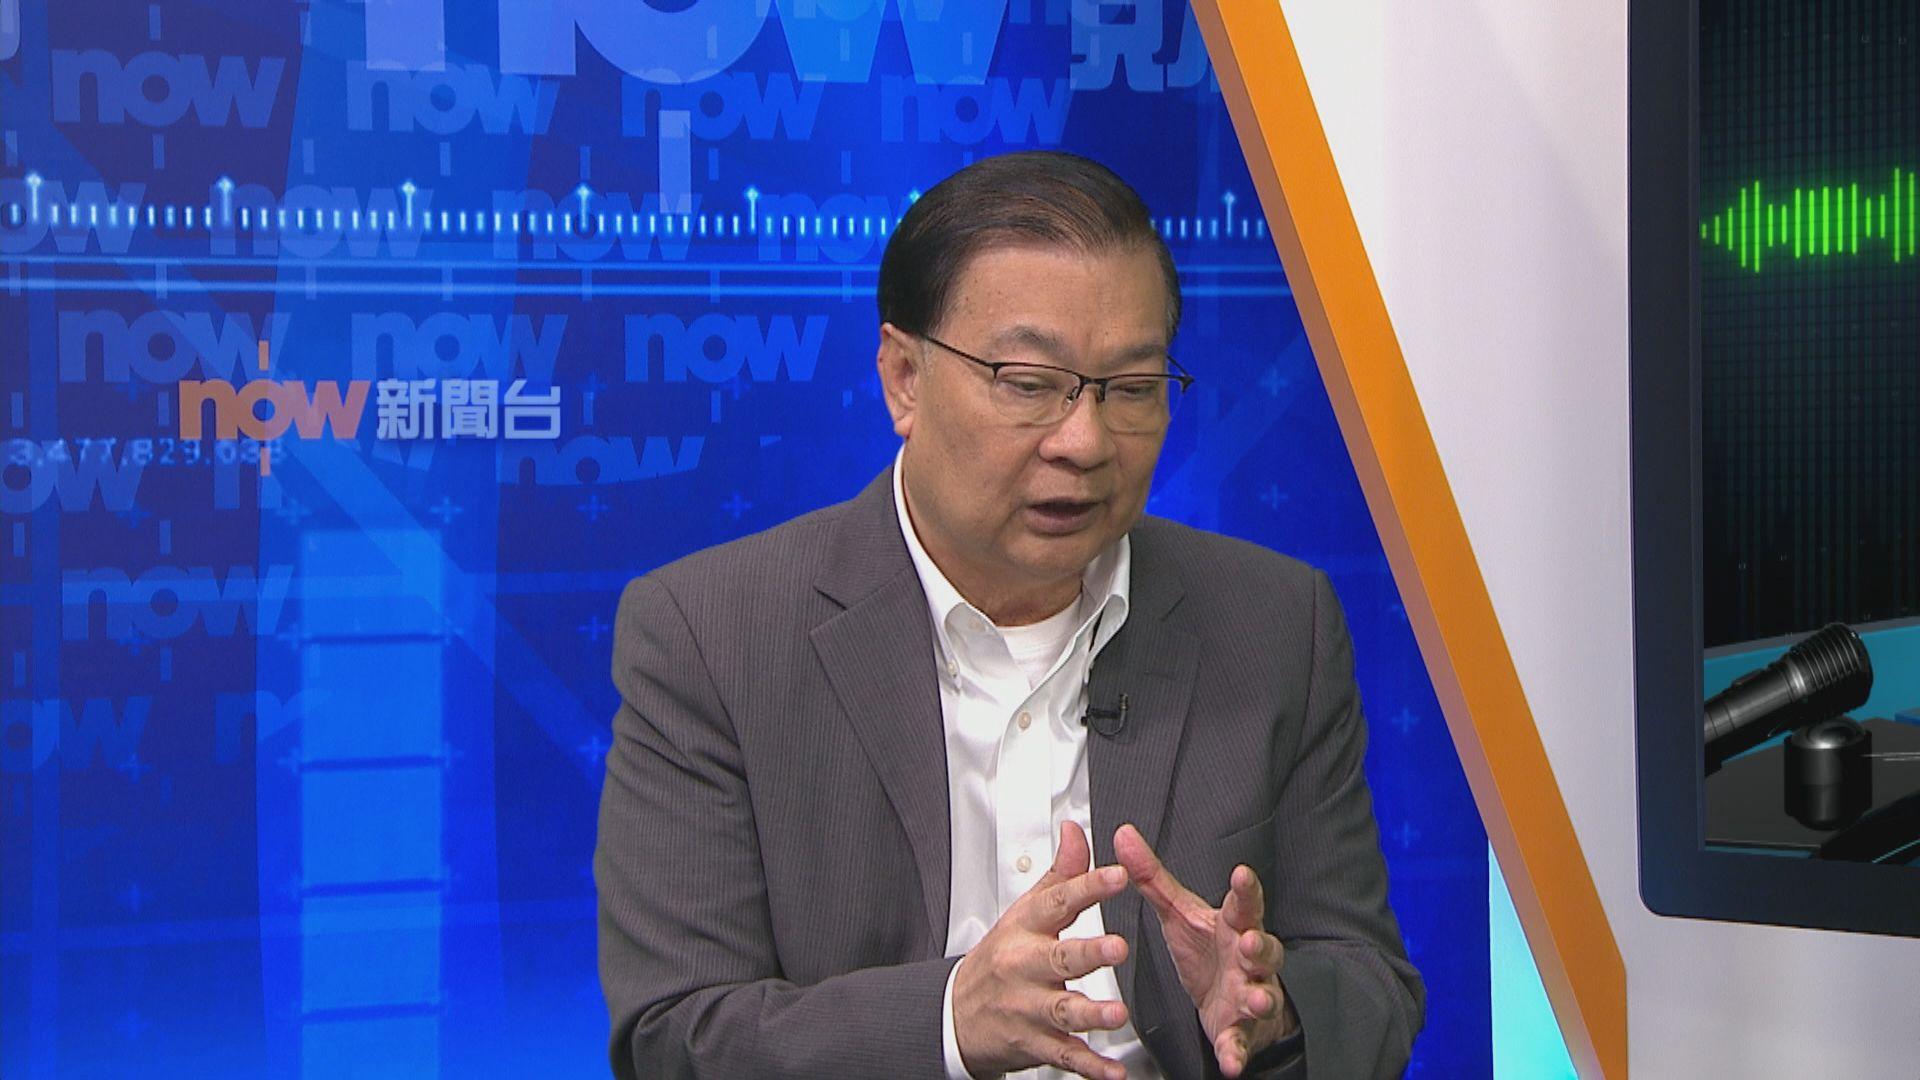 譚耀宗:若政府動用緊急法要有針對性